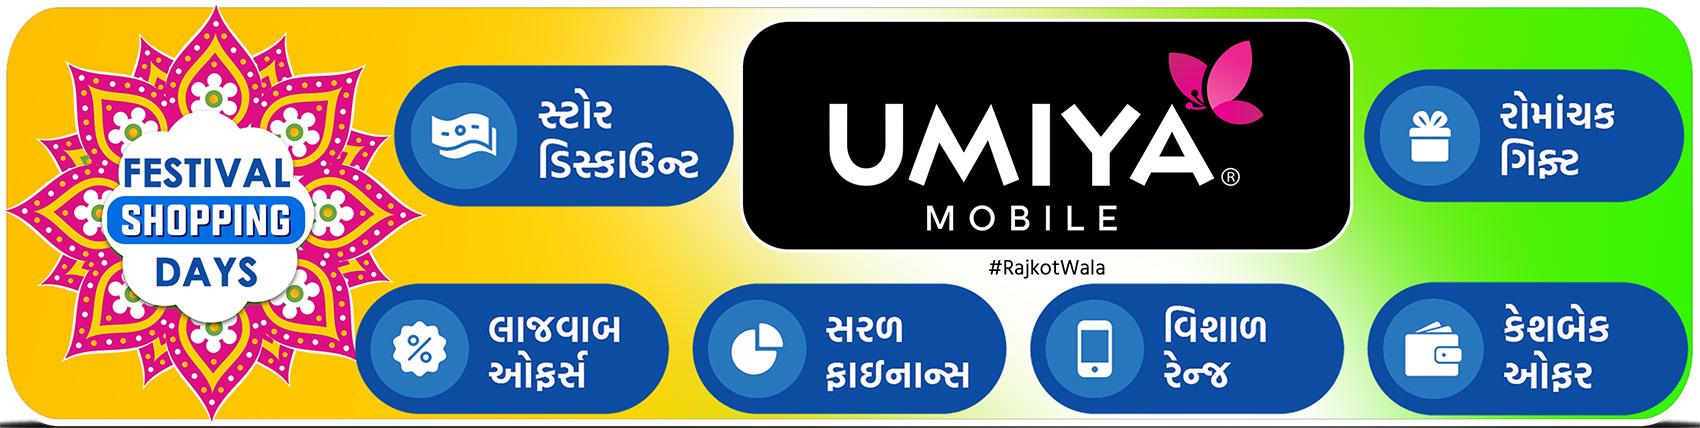 Umiya Mobile - Khabar Gujarat